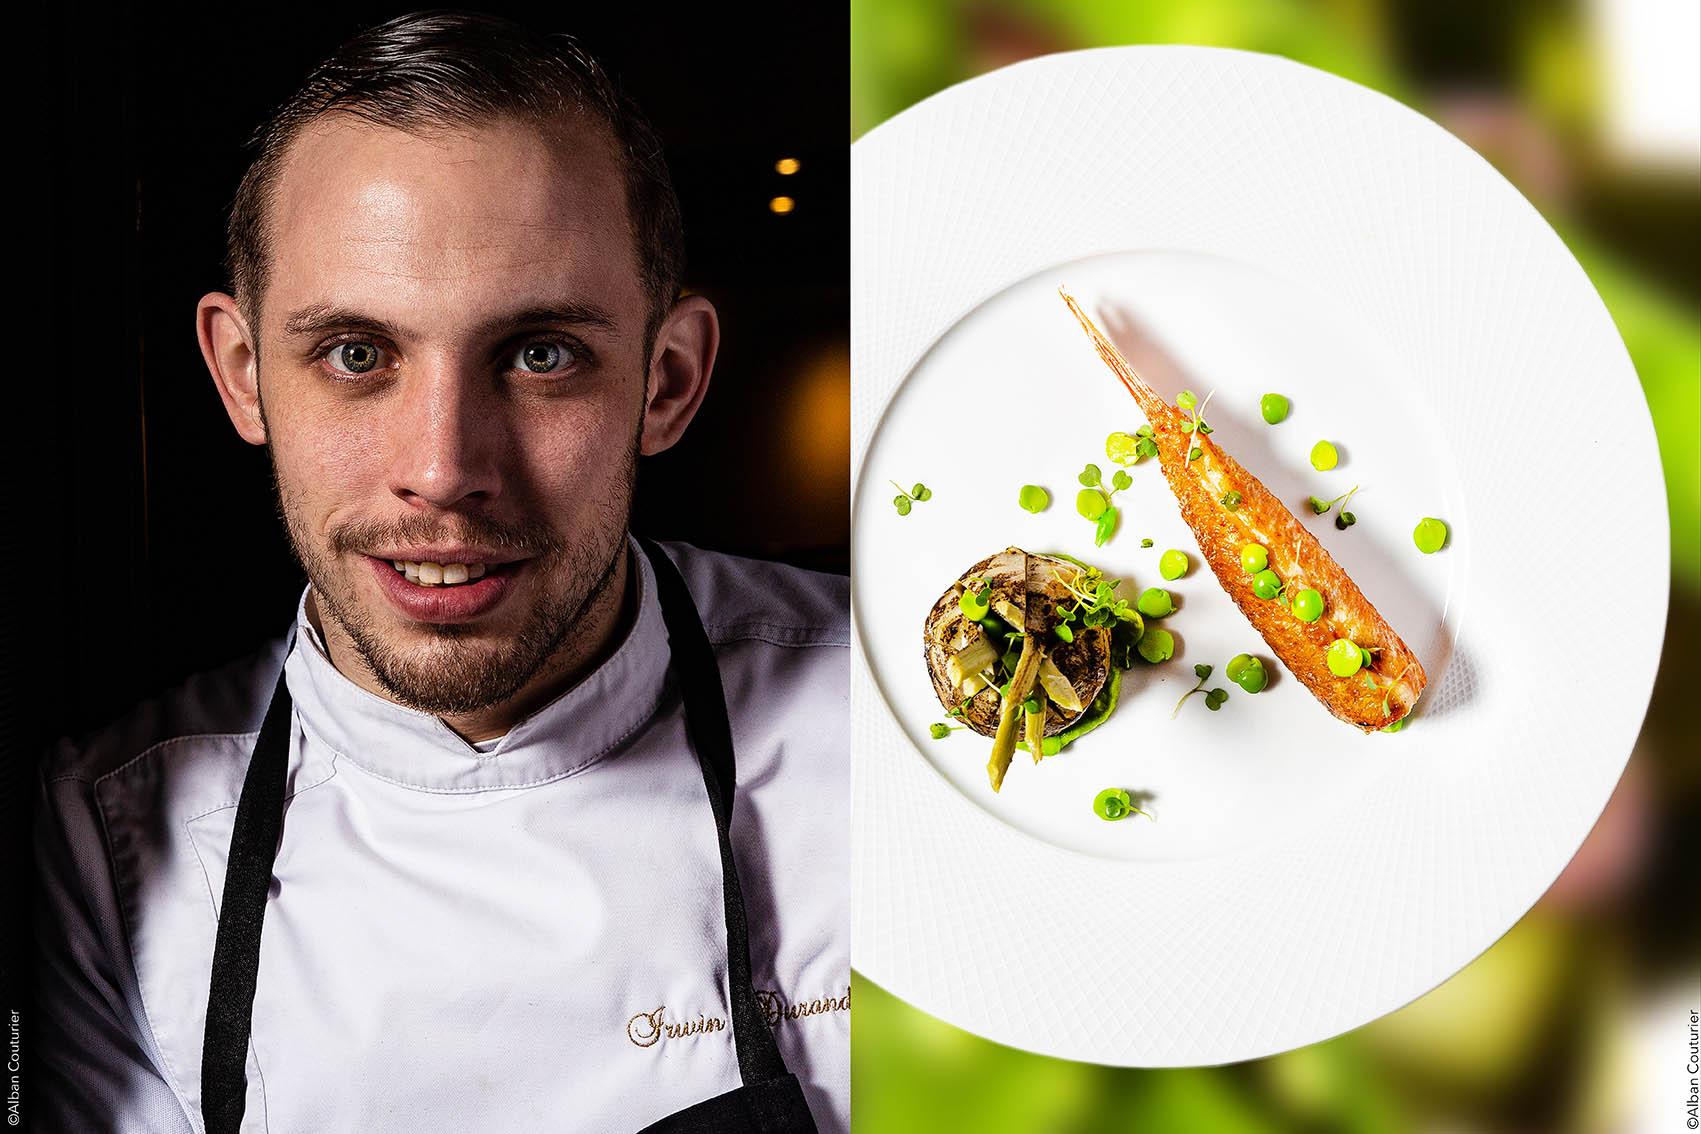 Recette et Portrait, chef et ami Irwin Durand, restaurant le chiberta, 1 Etoile au guide Michelin, Paris 8 ©Alban Couturier